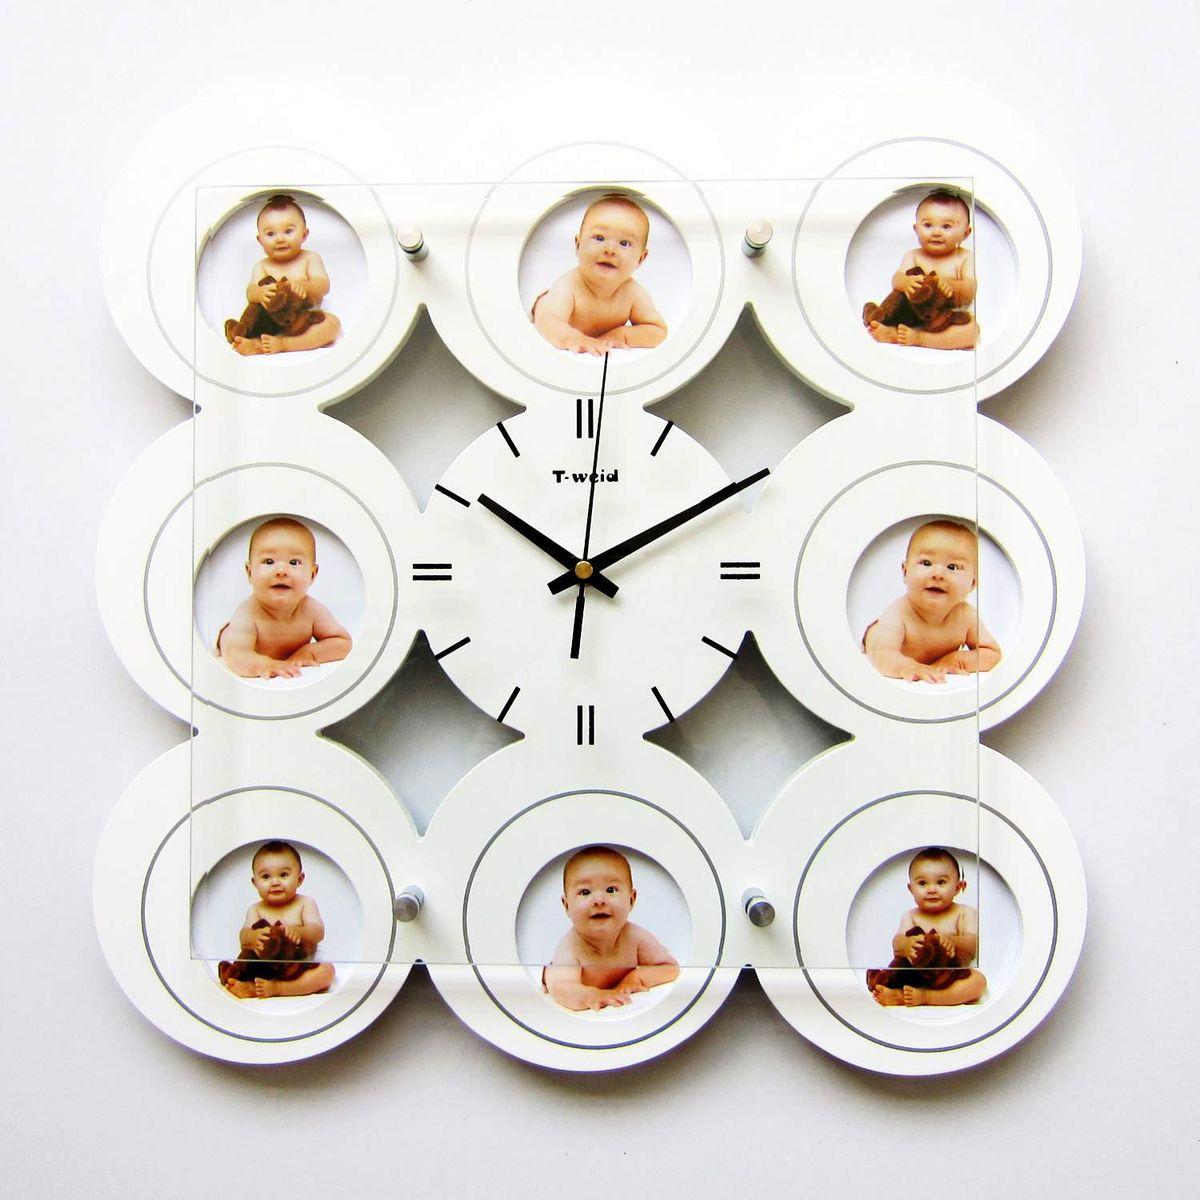 Часы настенные T-Weid, с фоторамками, цвет: белый, 39 х 39 х 5 см. M 3118B WhiteM 3118B WhiteНастенные кварцевые часы с фоторамками - это прекрасный предмет декора, а также универсальный подарок практически по любому поводу. Корпус часов, выполнен из дерева с белым матовым покрытием и оформлен восемью фоторамками. Циферблат часов оснащен тремя фигурными стрелками: часовой, минутной и секундной. Цифры и метки нанесены черной краской на серебристом фоне на внутренней стороне стекла. Циферблат и стрелки защищены прочным стеклом, который крепится четырьмя металлическими крепежами к корпусу. На задней стенке часов расположена металлическая петелька для подвешивания и блок с часовым механизмом. Часы с фоторамками прекрасно впишутся в любой интерьер. В зависимости оттого, что вы поместите в рамки, будет меняться и стиль часов. Тип механизма: плавающий, бесшумный. Рекомендуется докупить батарейку типа АА (не входит в комплект). для 8 фото 9 х 12 см.